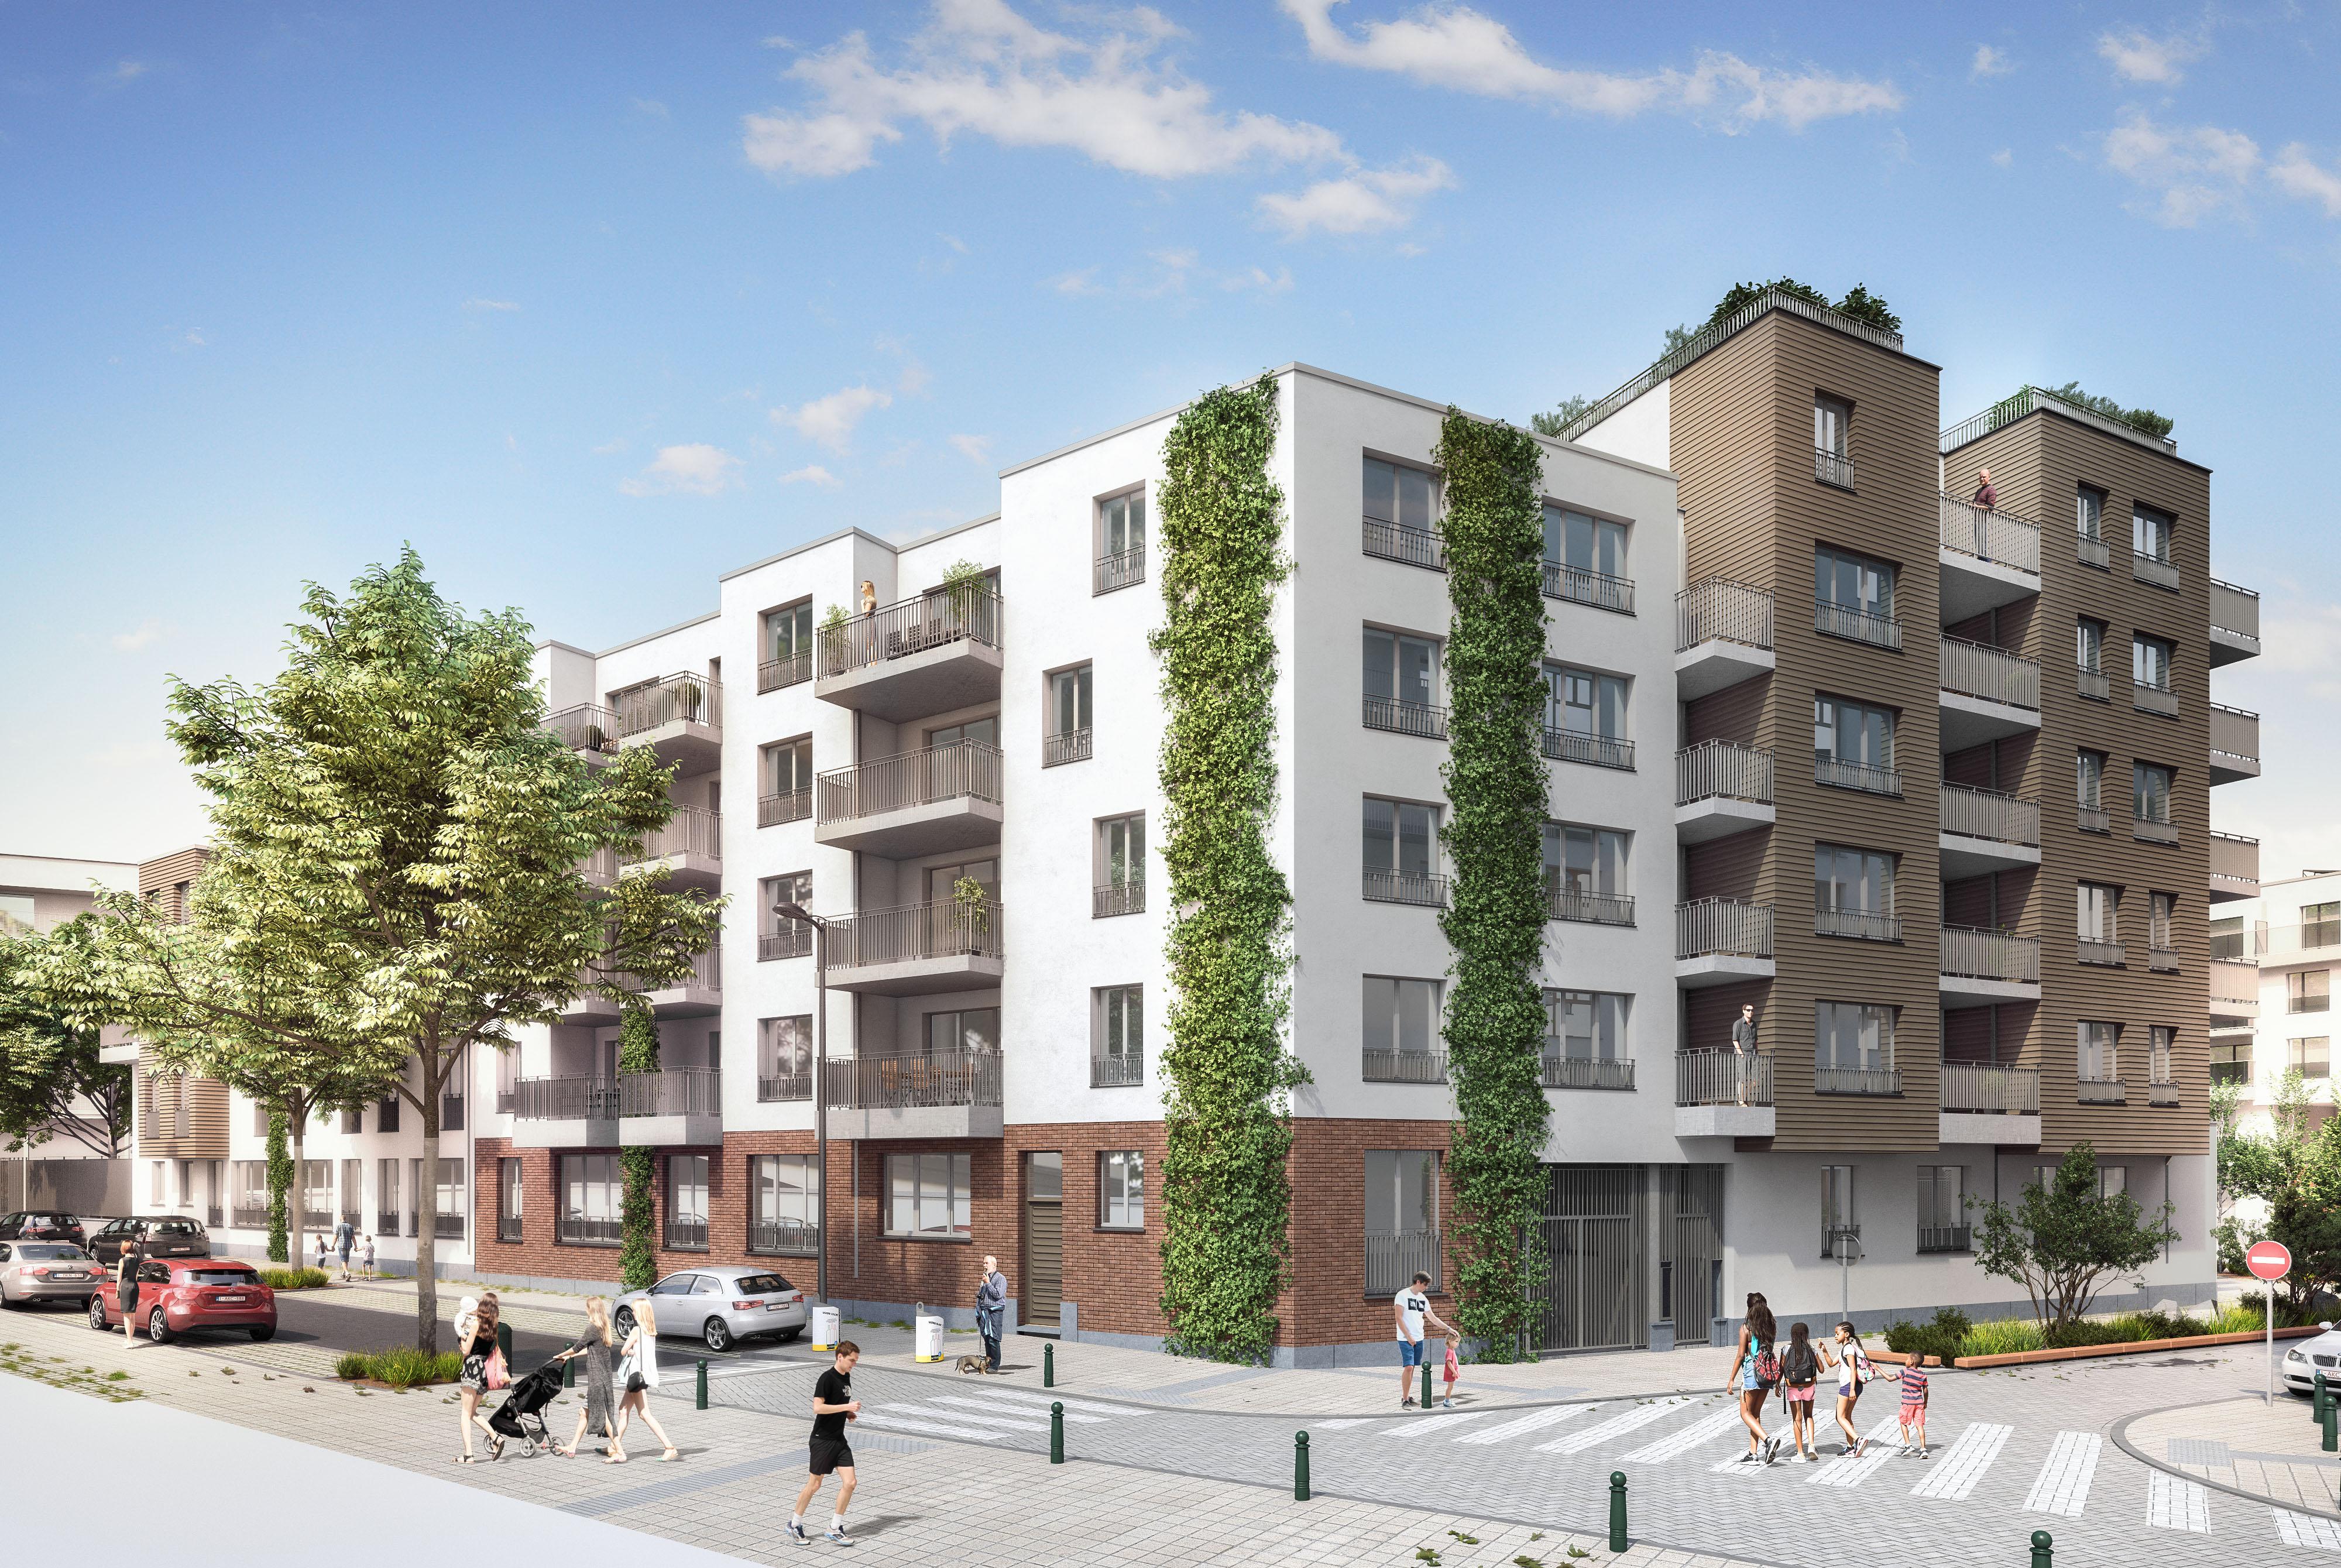 Molenbeek Quartier Tivoli Vue 3 160926